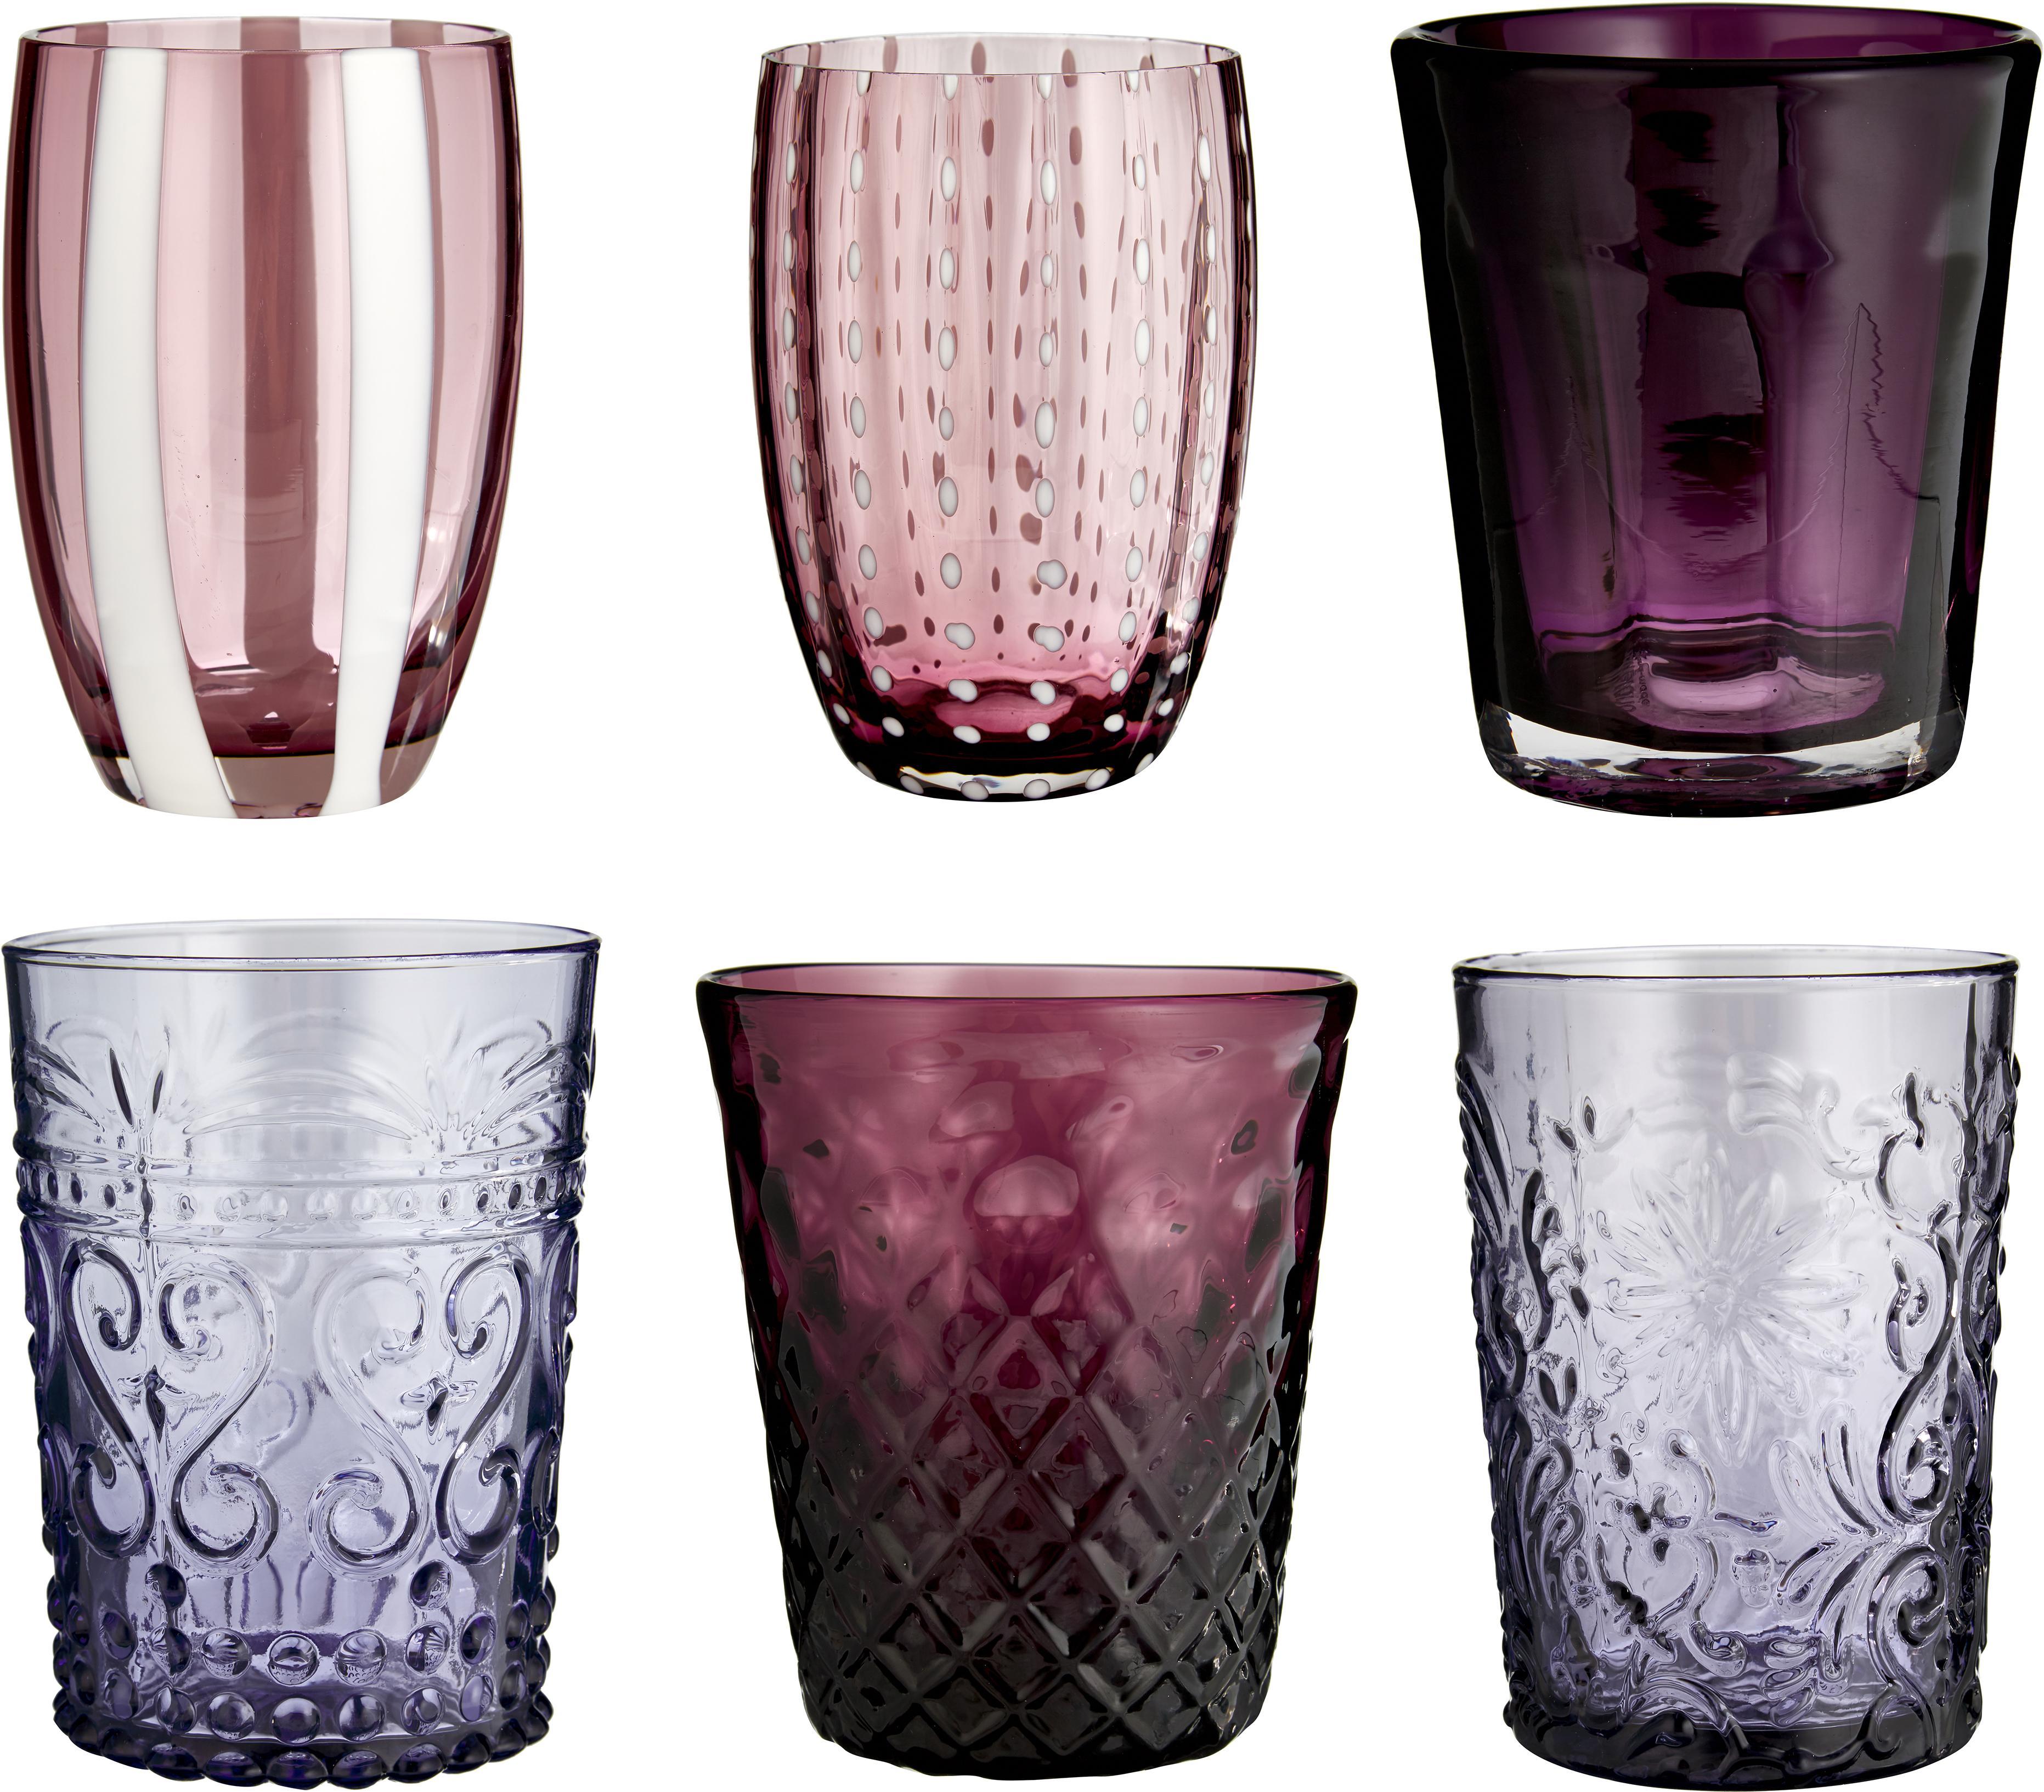 Mondgeblazen waterglazen set Melting Pot Berry, 6-delig, Glas, Blauwtinten, roodtinten, Set met verschillende formaten